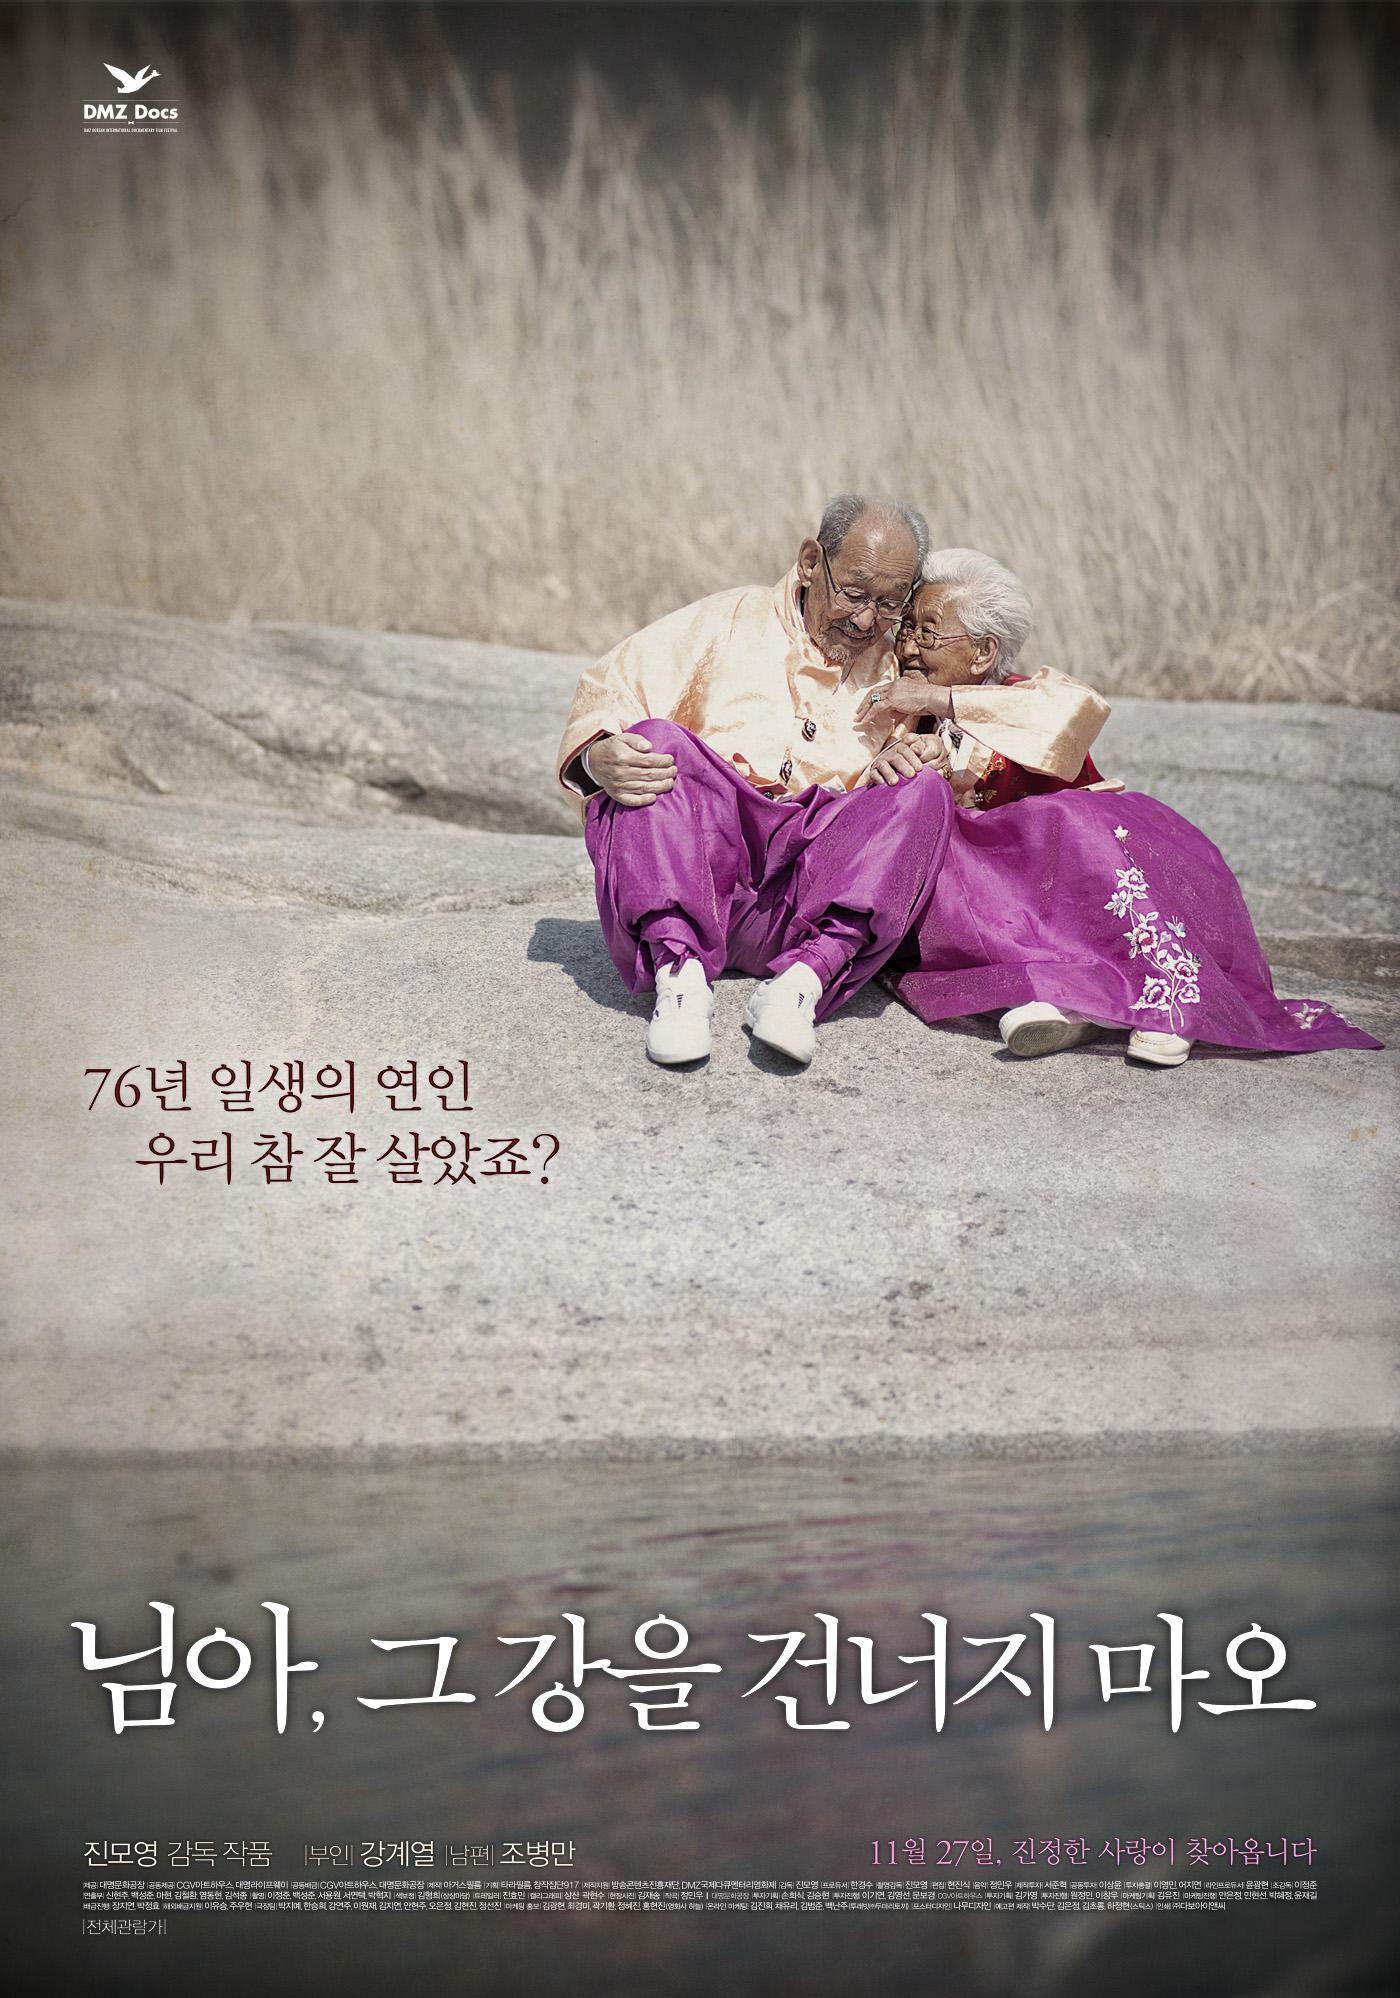 님아, 그강을 건너지 마오 (2014, 한국)